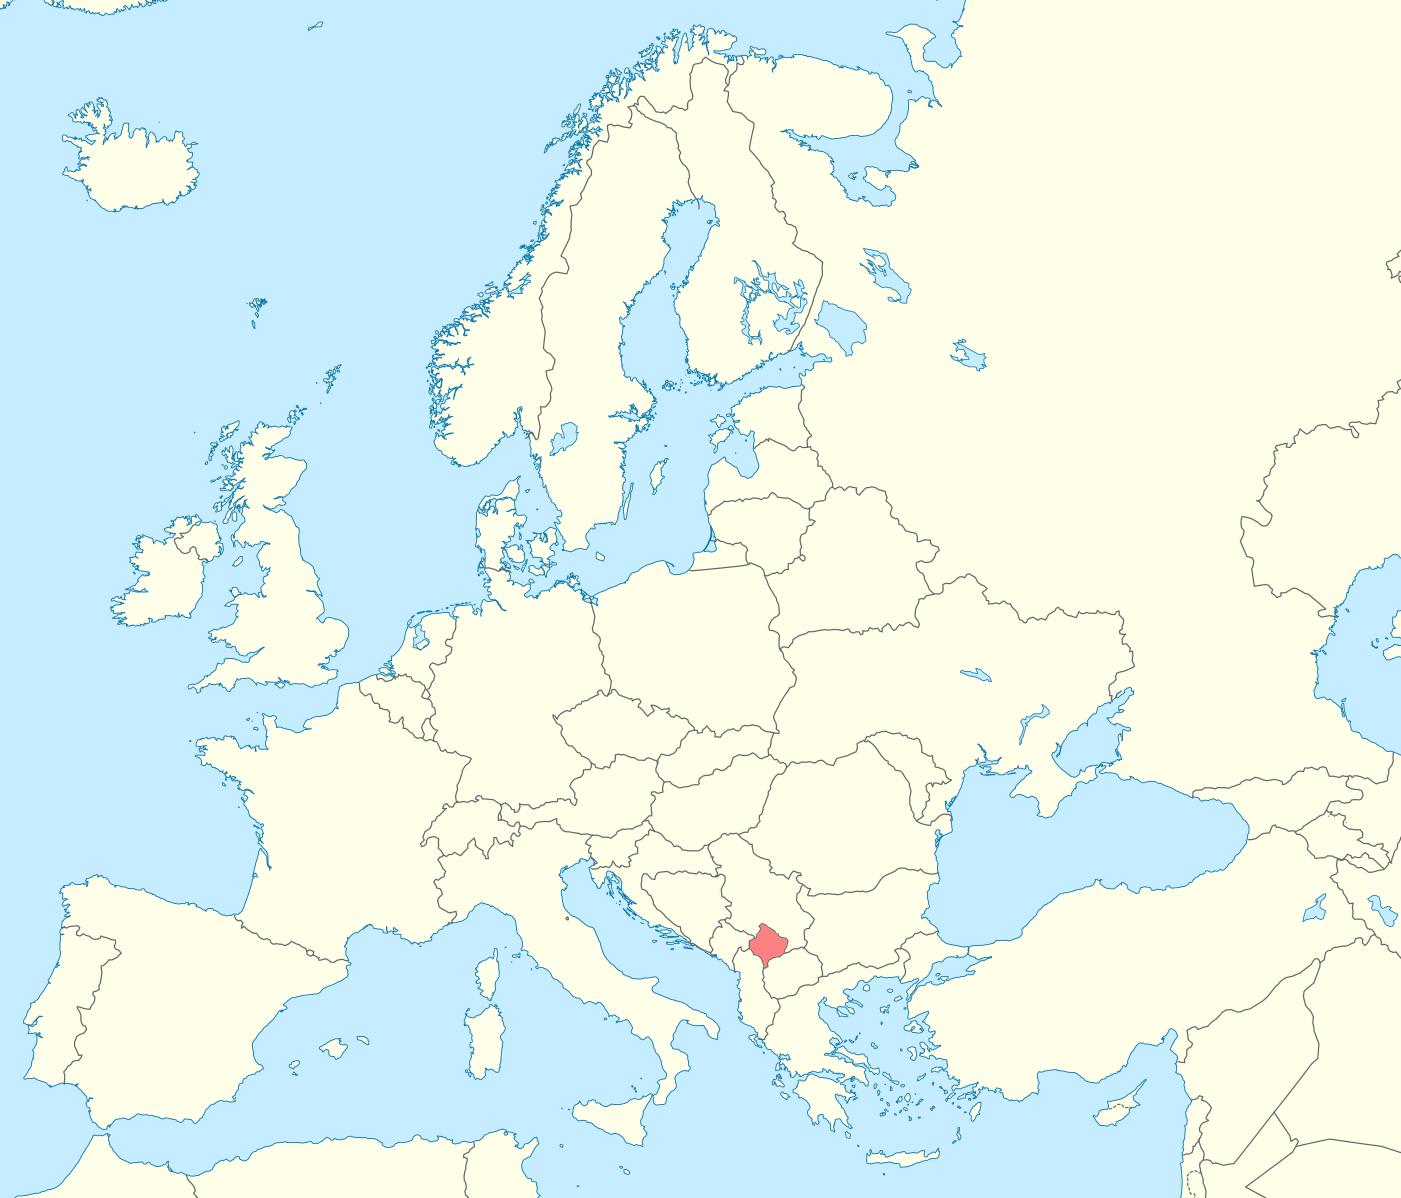 europekosovopng